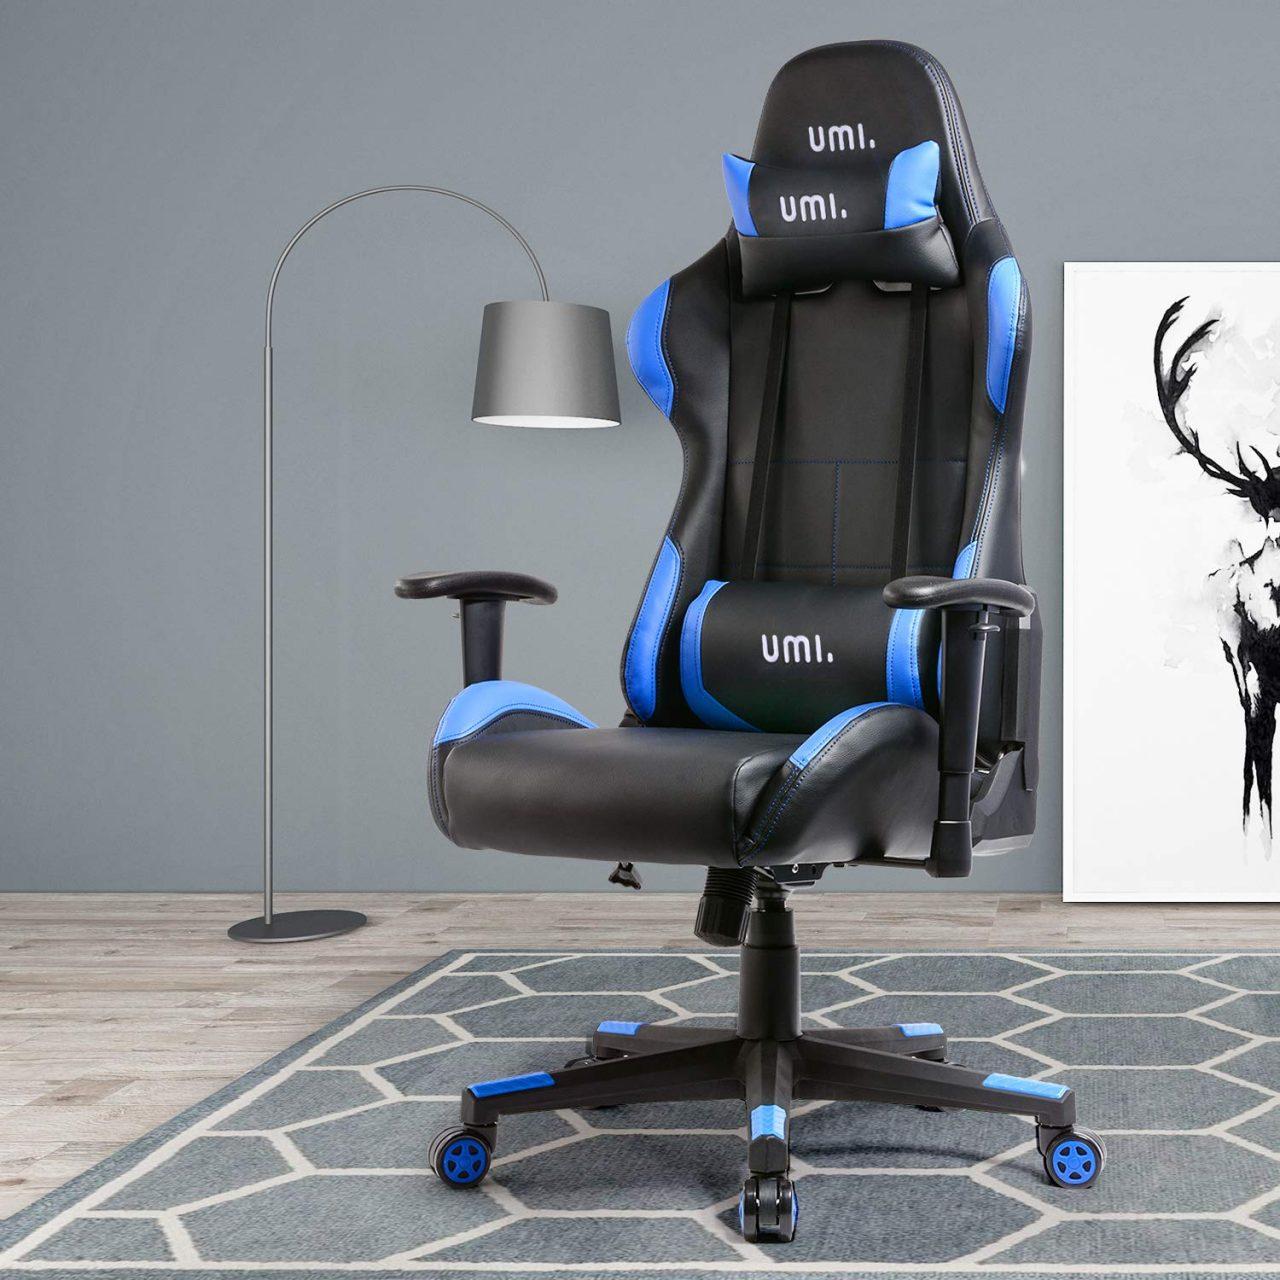 Offerta lampo Amazon: mettetevi comodi con la sedia da gaming Umi a 119€